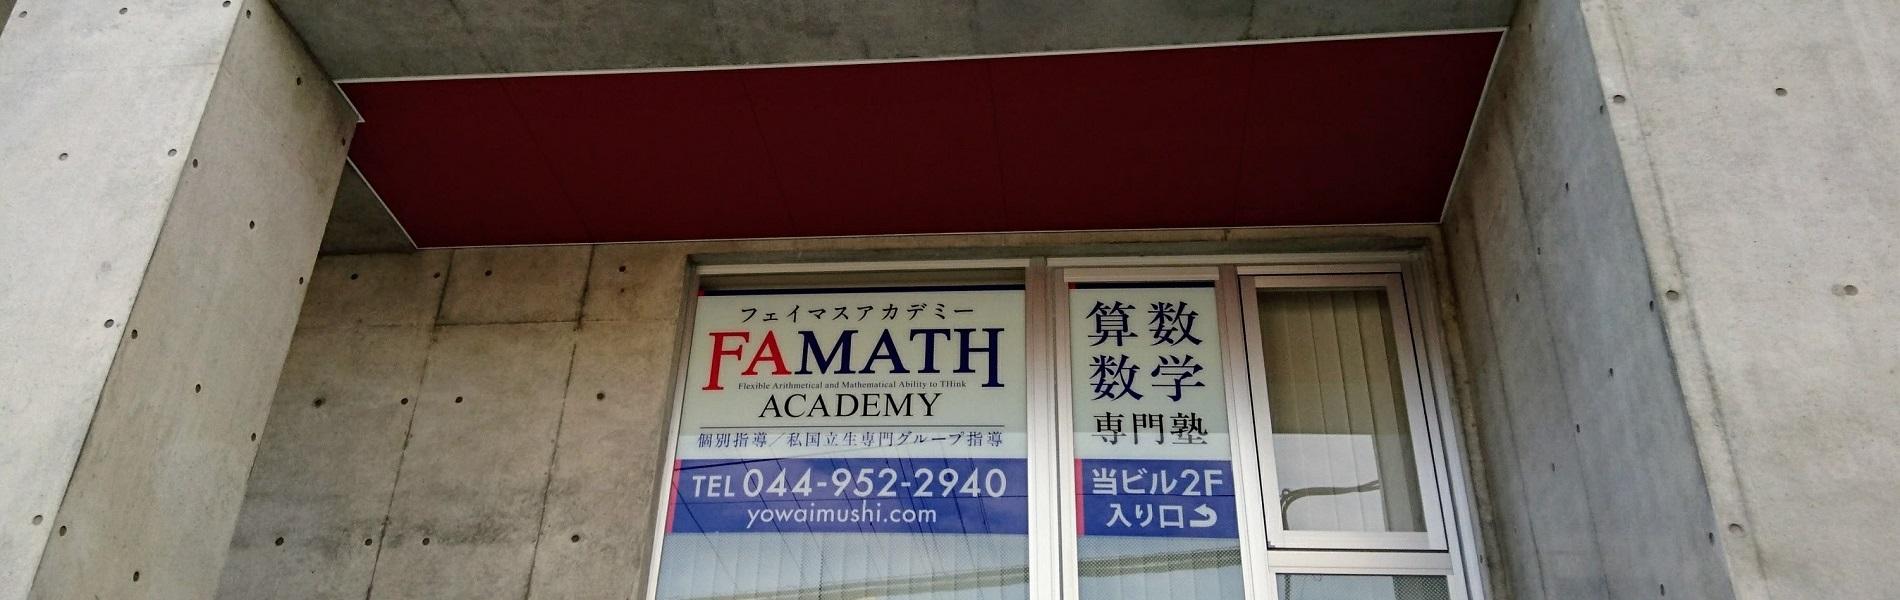 プロ教師のみの専門塾フェイマスアカデミー